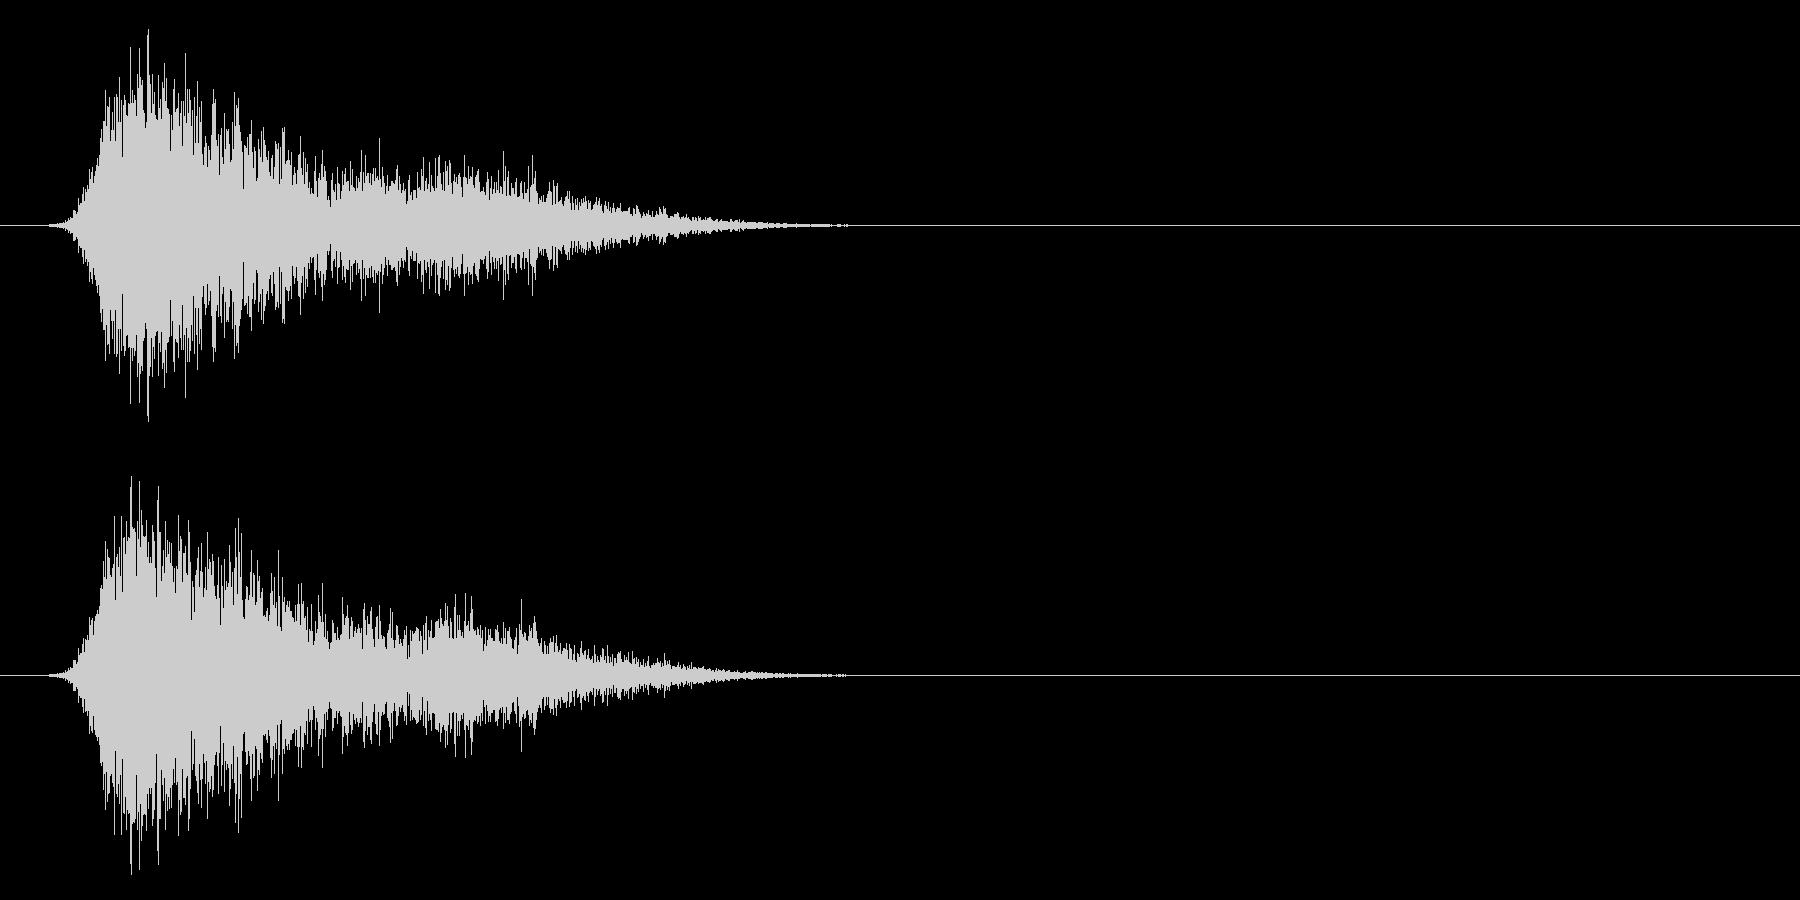 コミカルなダッシュ,ジャンプ効果音!7cの未再生の波形